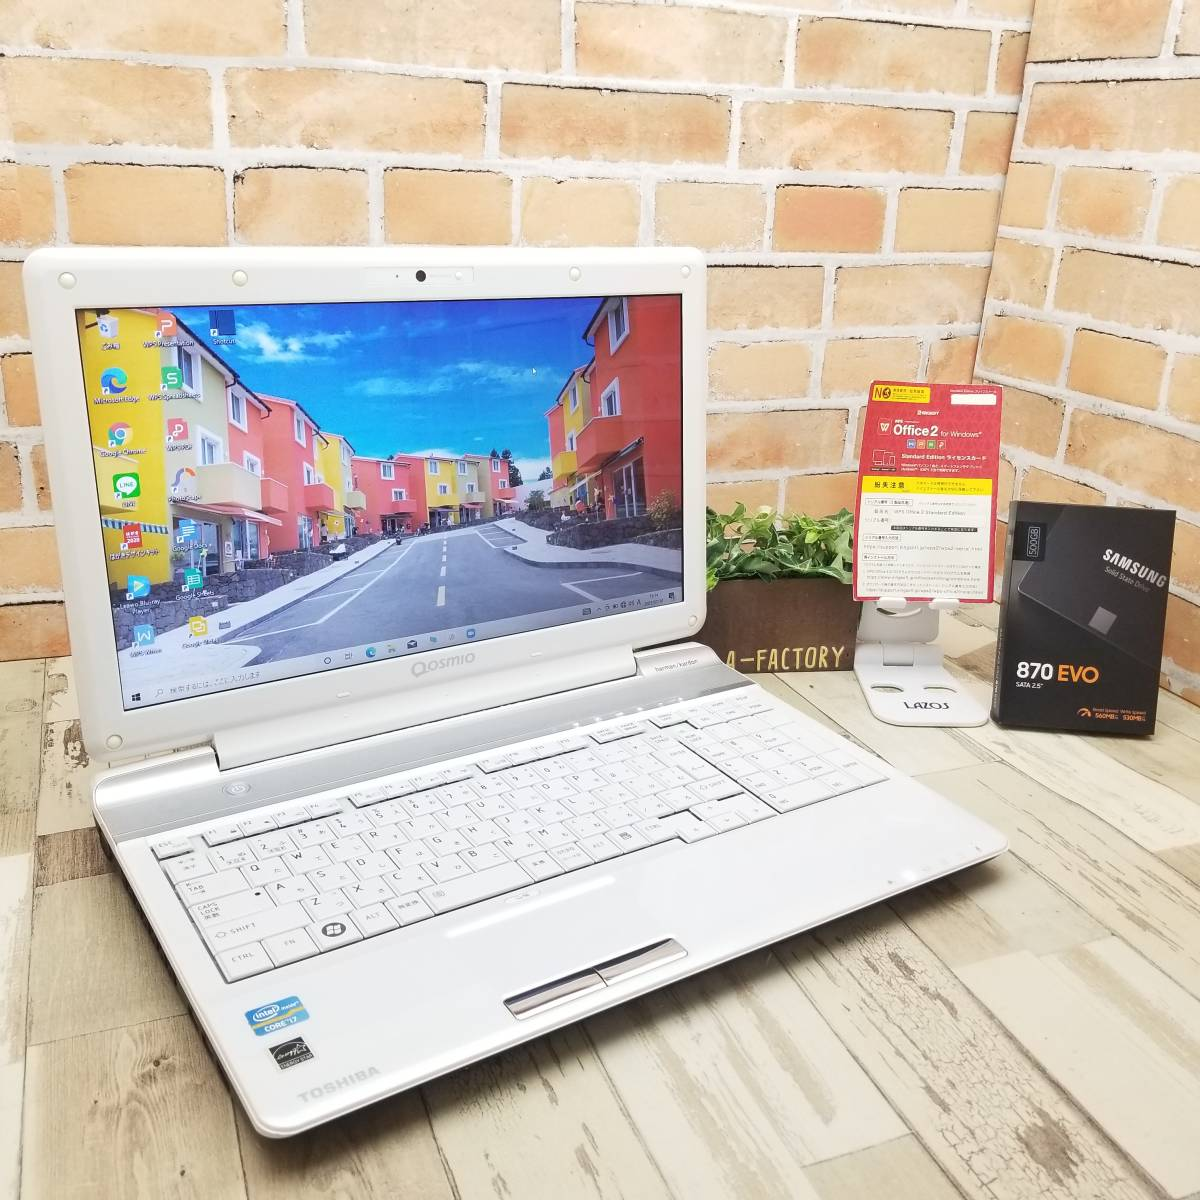 ★美品★国内正規新品SSD500GB/高性能i7(ターボ)搭載/メモリ8GB/Wi-Fi/Win10/Webカメラ/Blu-ray/Office/dynabook Qosmio T751/T8DW(C8993)